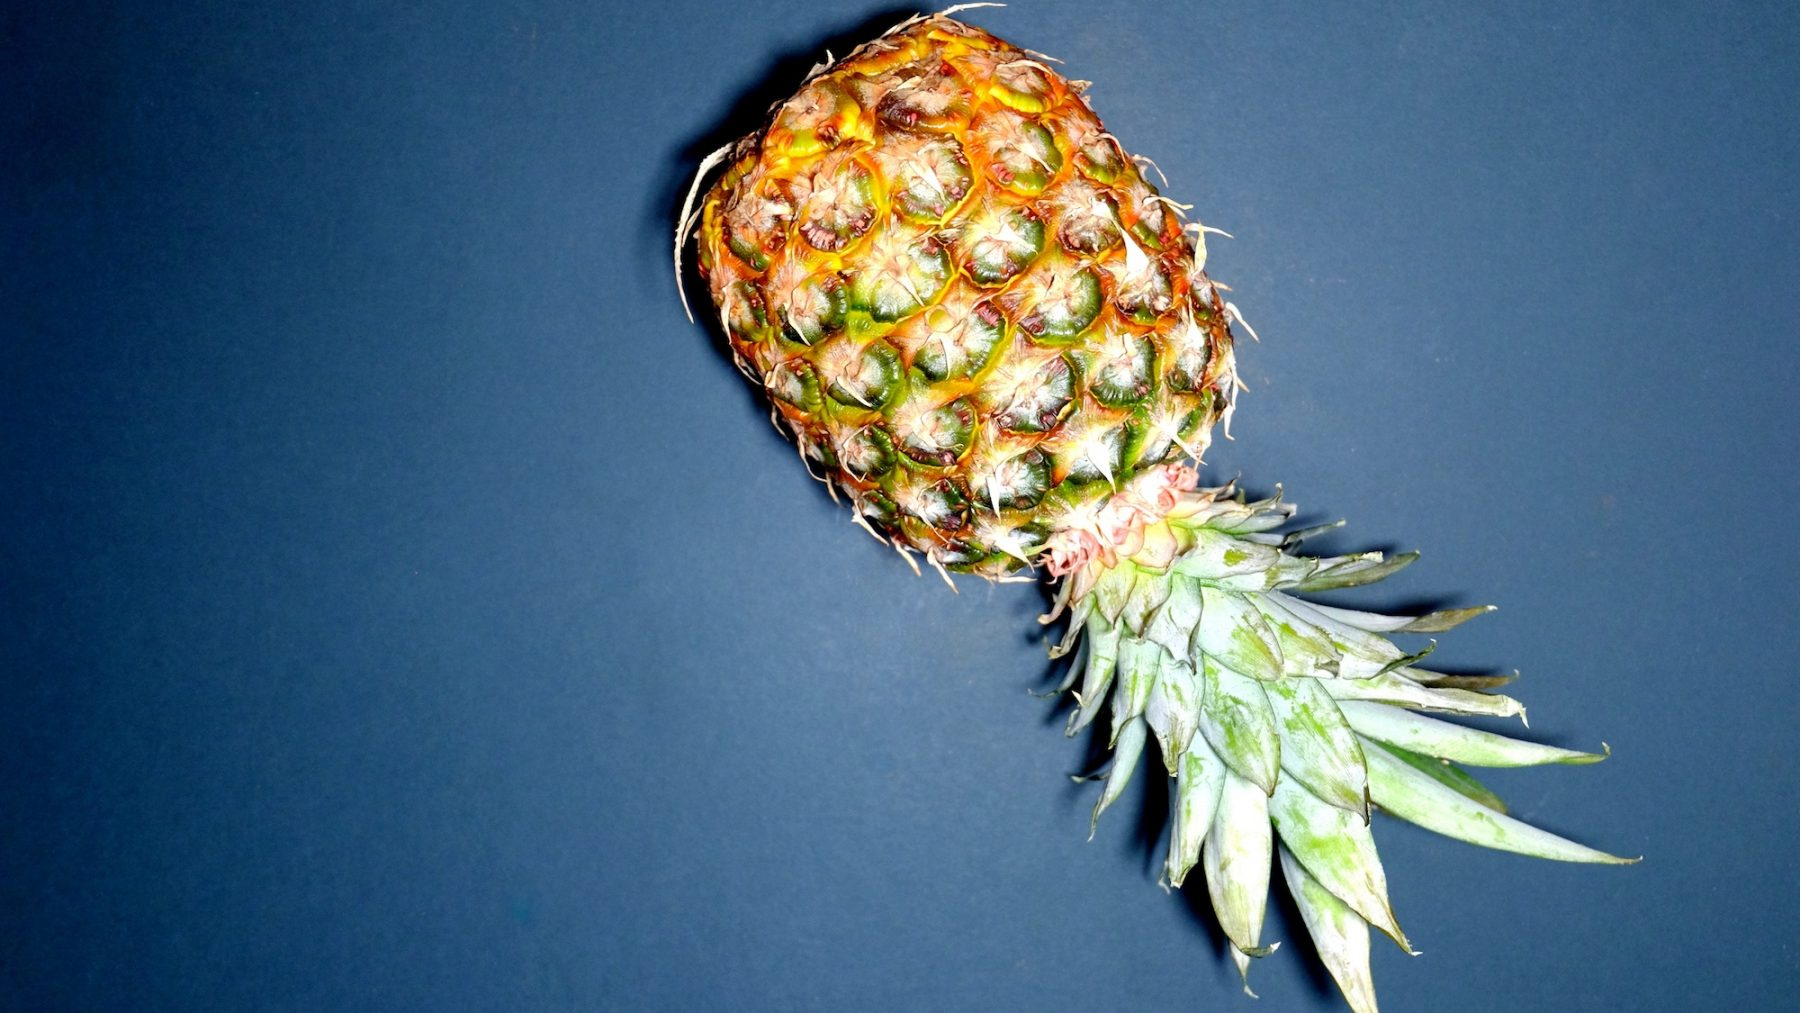 Fan van ananas als (woon)decoratie? Dat heeft een héél dubbelzinnige boodschap